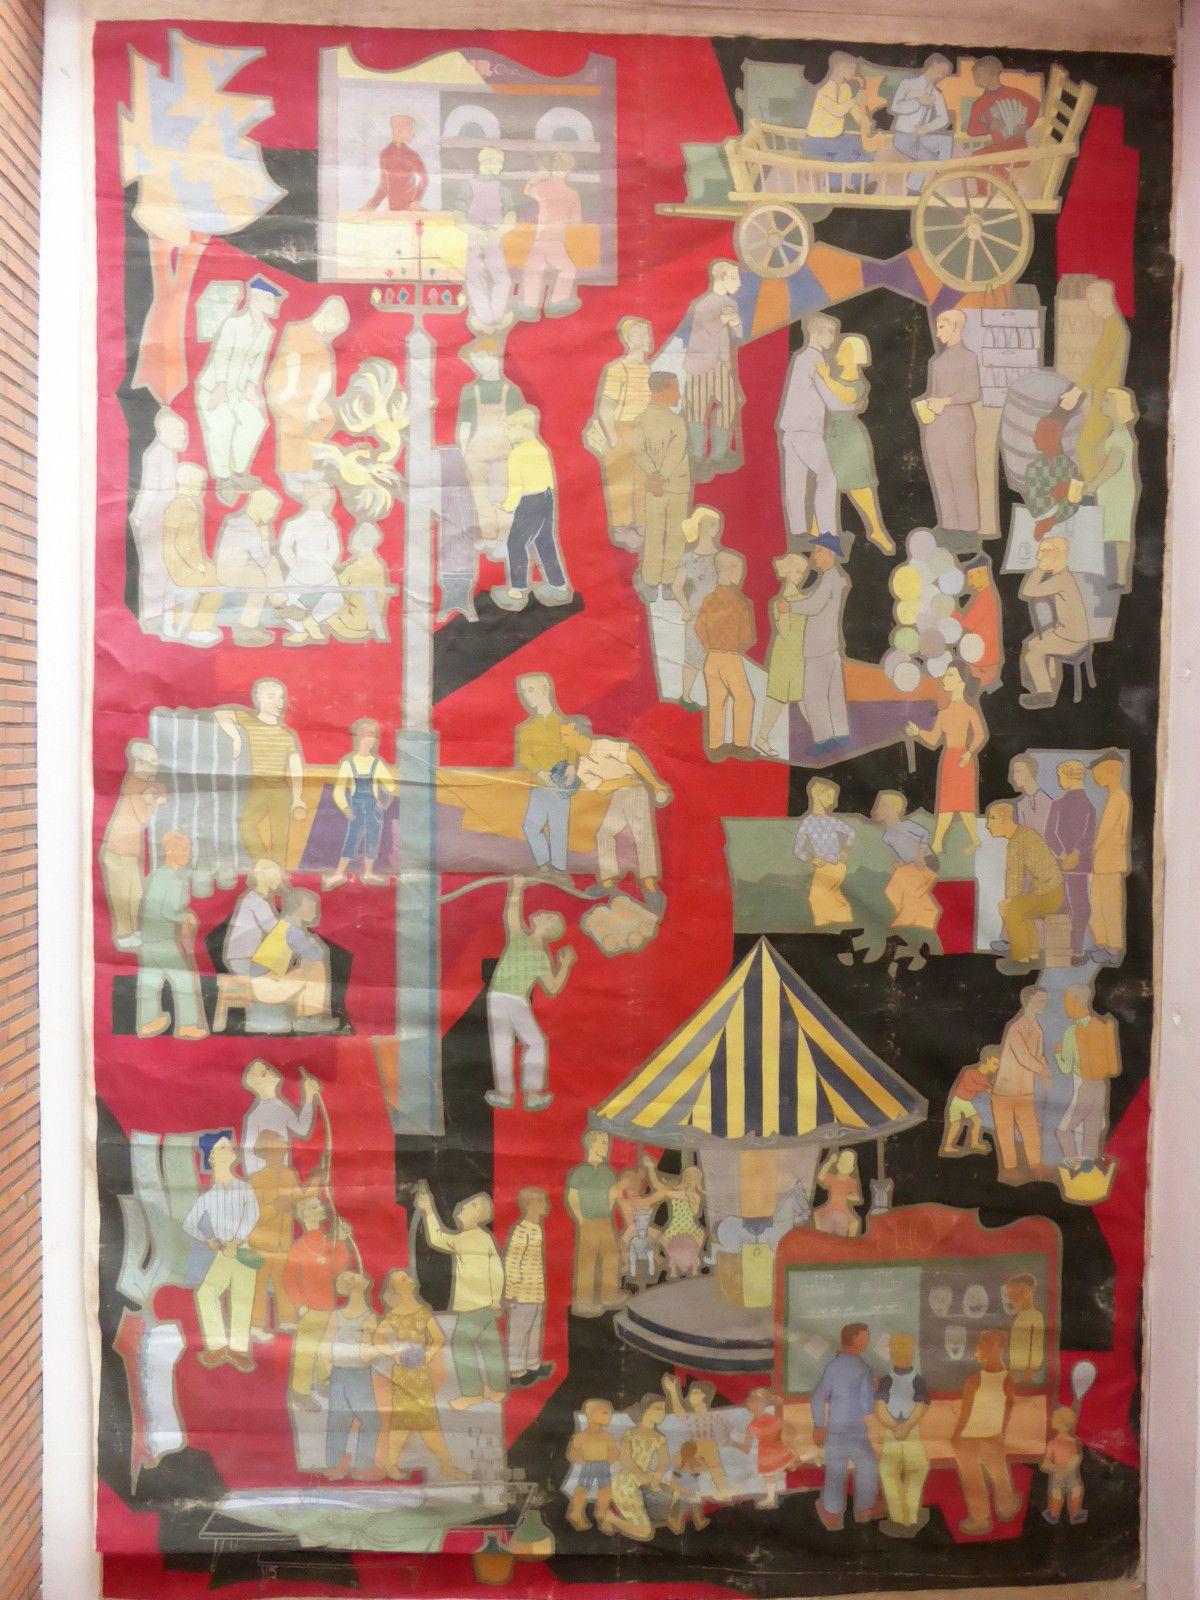 Fresque toile 4.80 x 3.15m KERMESSE FÊTE FORAINE (école d') Ernest D'Hossche ?   eBay